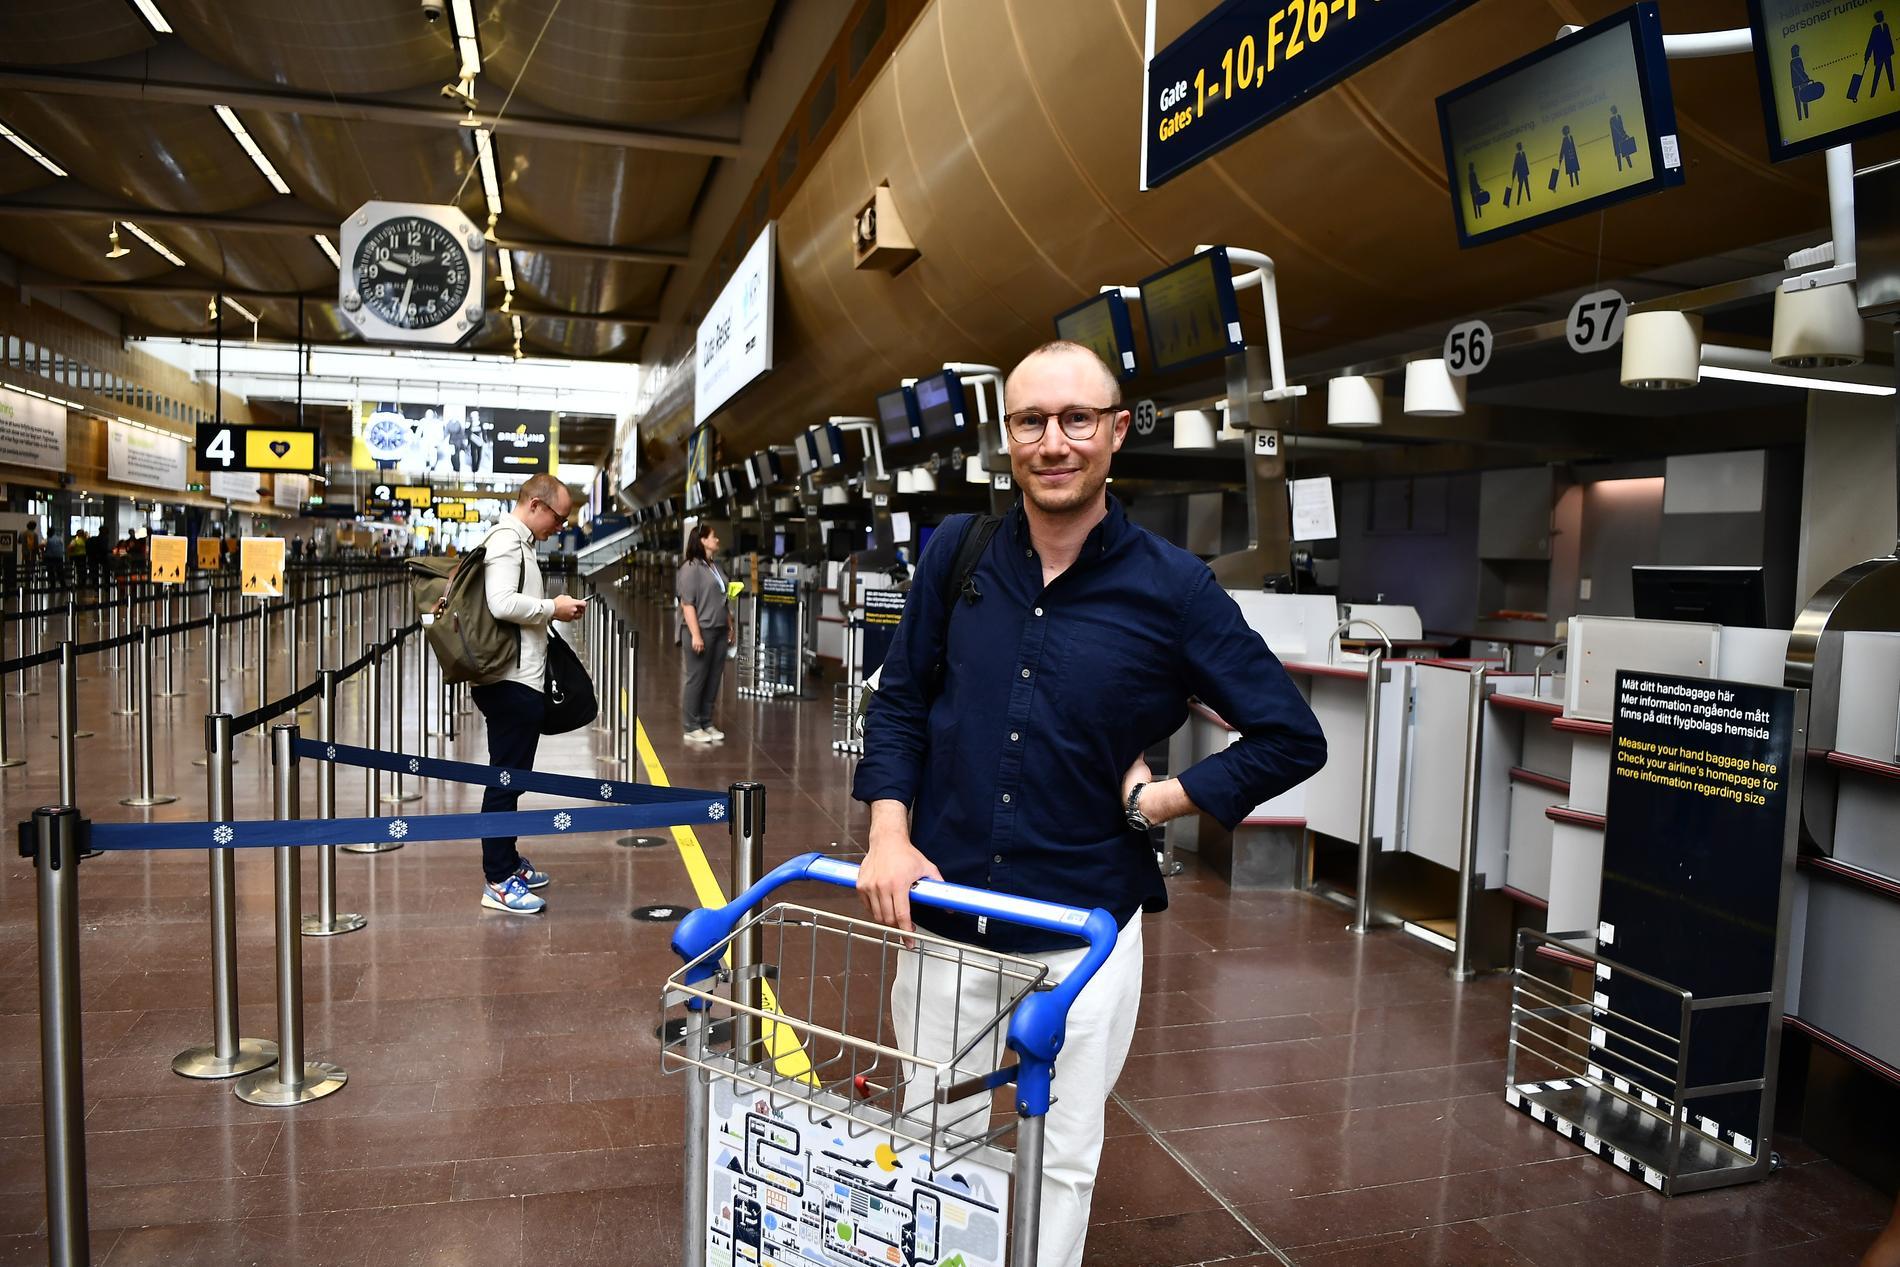 Adam Györki, kommunikationschef på nordiska TUI, på Arlanda flygplats.